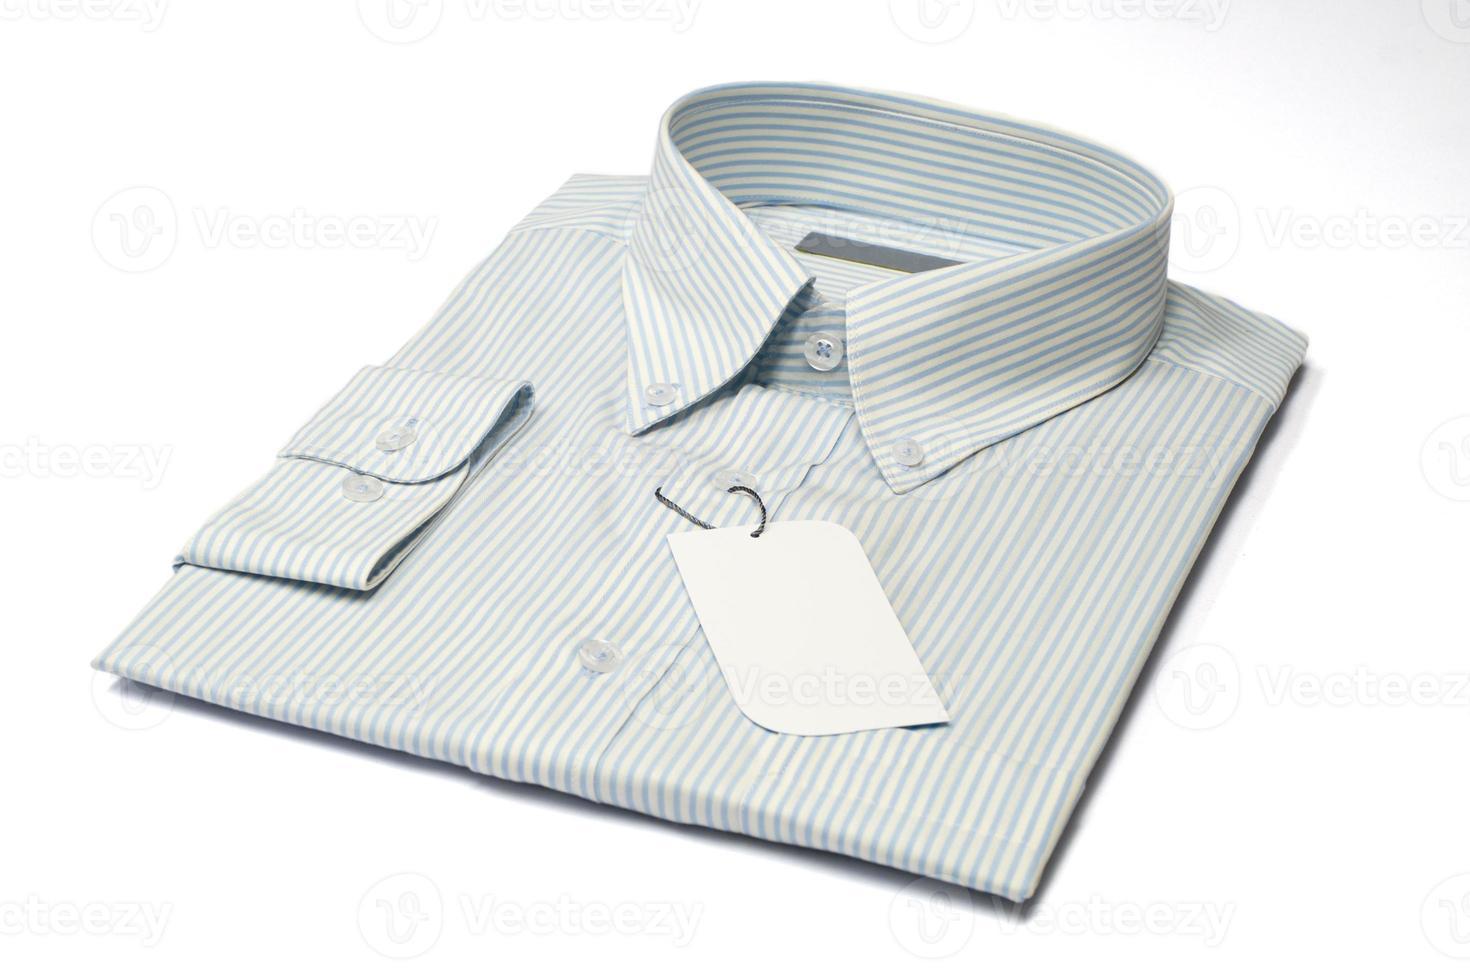 heren overhemd en label foto